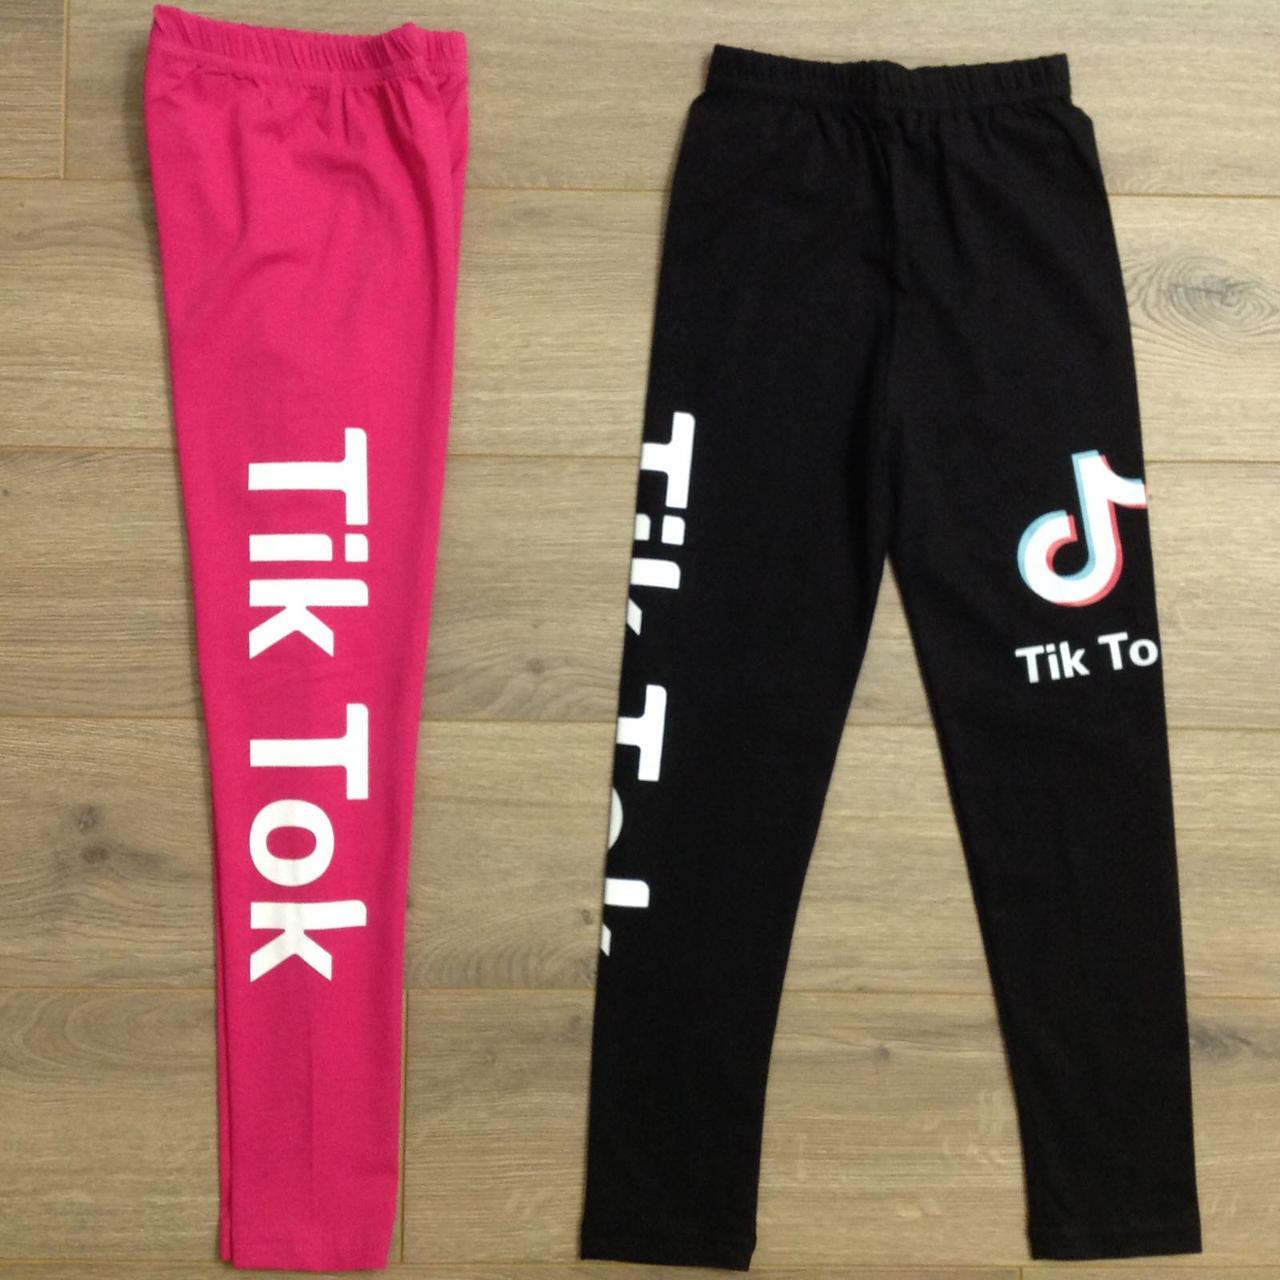 """Лосины подростковые """"Tik Tok"""". Размеры 140-146-152-158-164 см. Черные. Оптом"""